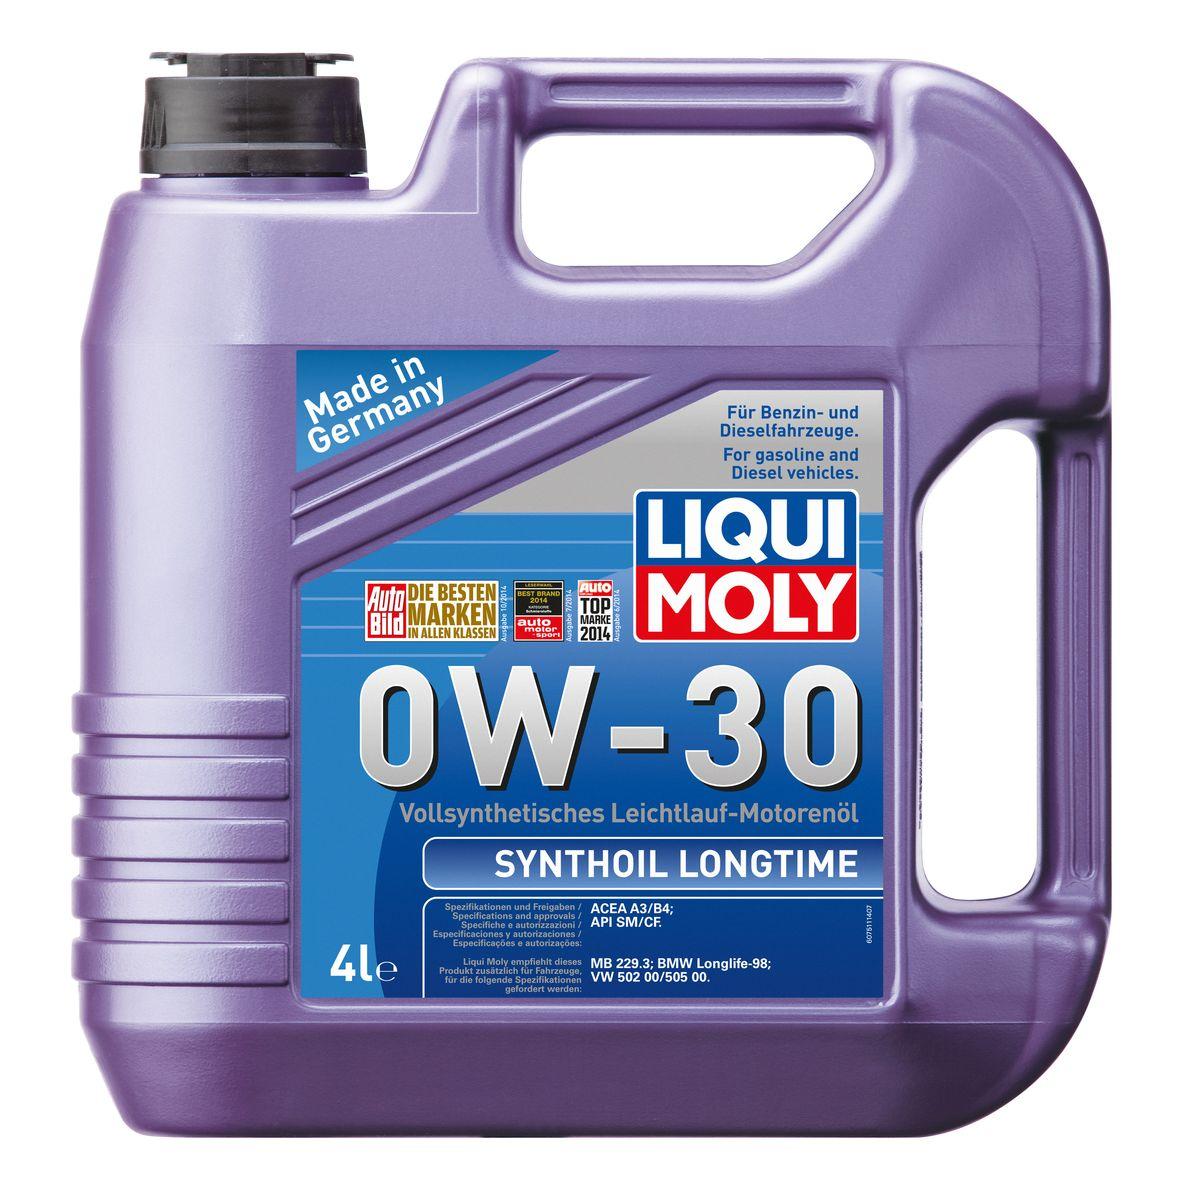 Масло моторное Liqui Moly Synthoil Longtime, синтетическое, 0W-30, 4 л7511Масло моторное Liqui Moly Synthoil Longtime - 100% синтетическое универсальное моторное масло на базе полиальфаолефинов (ПАО) для большинства автомобилей, для которых требования к маслам опираются на международные классификации API и ACEA. Класс вязкости 0W-30 моторного масла на ПАО-базе оптимален для эксплуатации в холодных условиях, обеспечивая уверенный пуск двигателя даже в сильный мороз и высокий уровень энергосбережения (и экономии топлива). Особенности: - Отличные пусковые свойства в мороз - Быстрое поступление масла ко всем деталям двигателя при низких температурах - Высокие показатели по экономии топлива - Высокая смазывающая способность - Замечательная термоокислительная стабильность и устойчивость к старению - Оптимальная чистота двигателя - Протестировано и совместимо с катализаторами и турбонаддувом - Высокая стабильность при высоких температурах - Очень низкий расход масла Допуск: -API: CF/SM ...